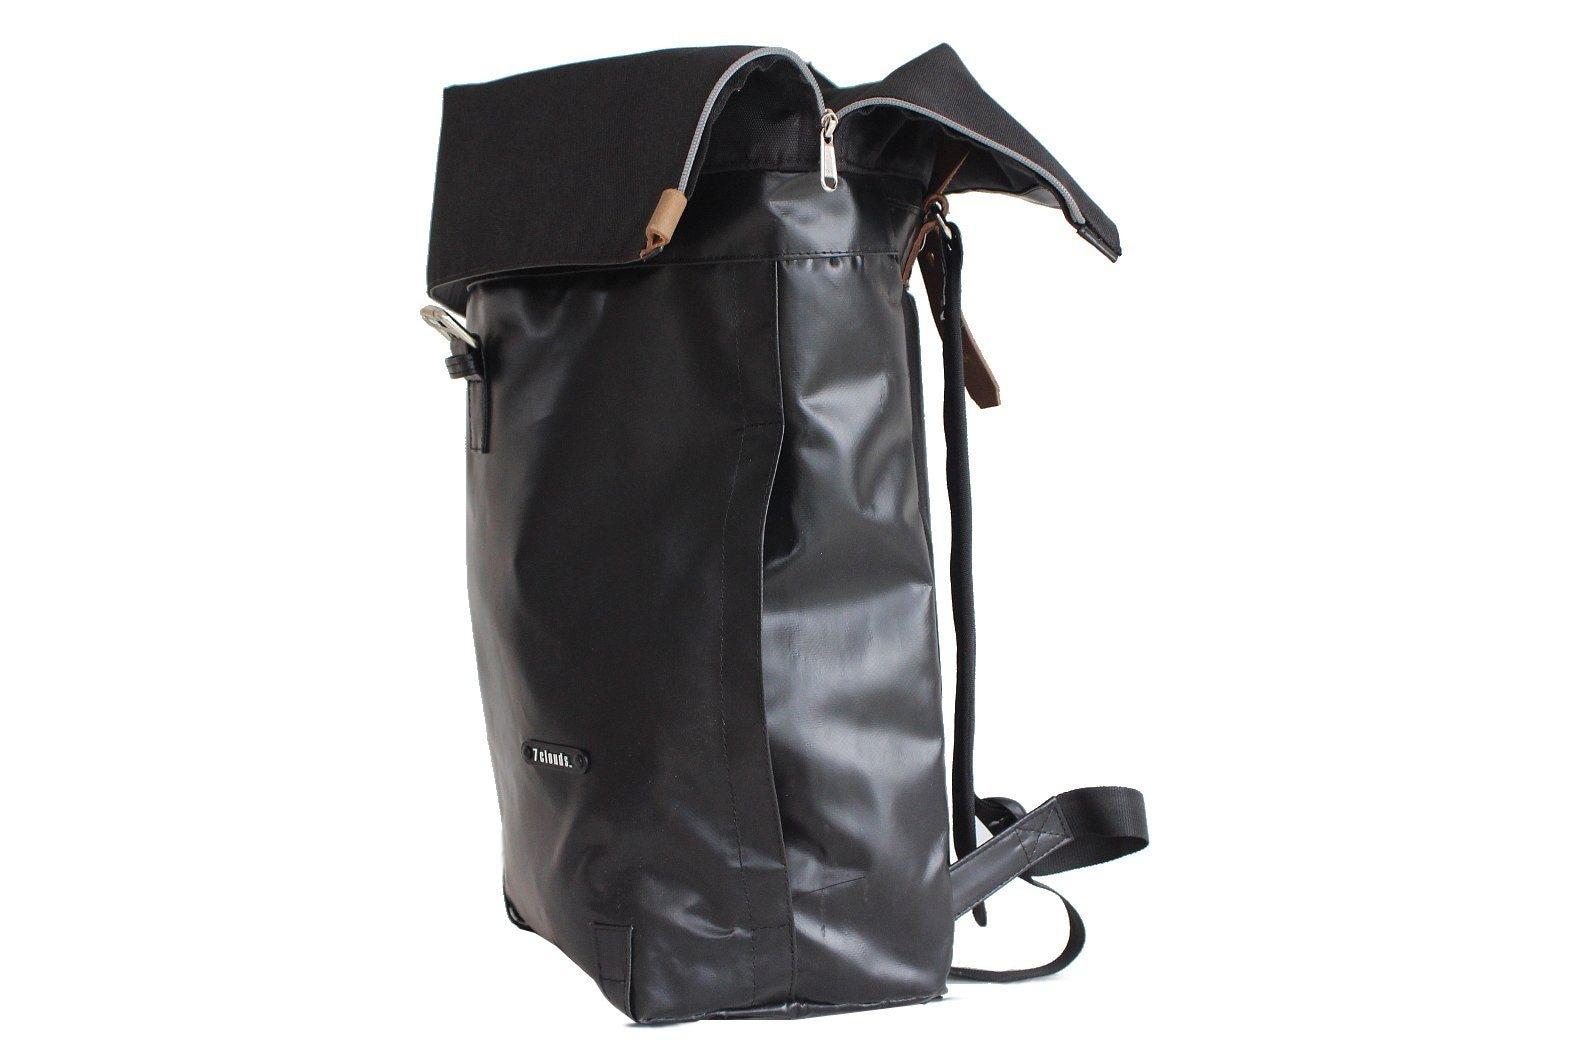 7clouds cityrucksack sowe 72 Rucksack aus Persenning (Bootabdeckungsplane) Q1rap